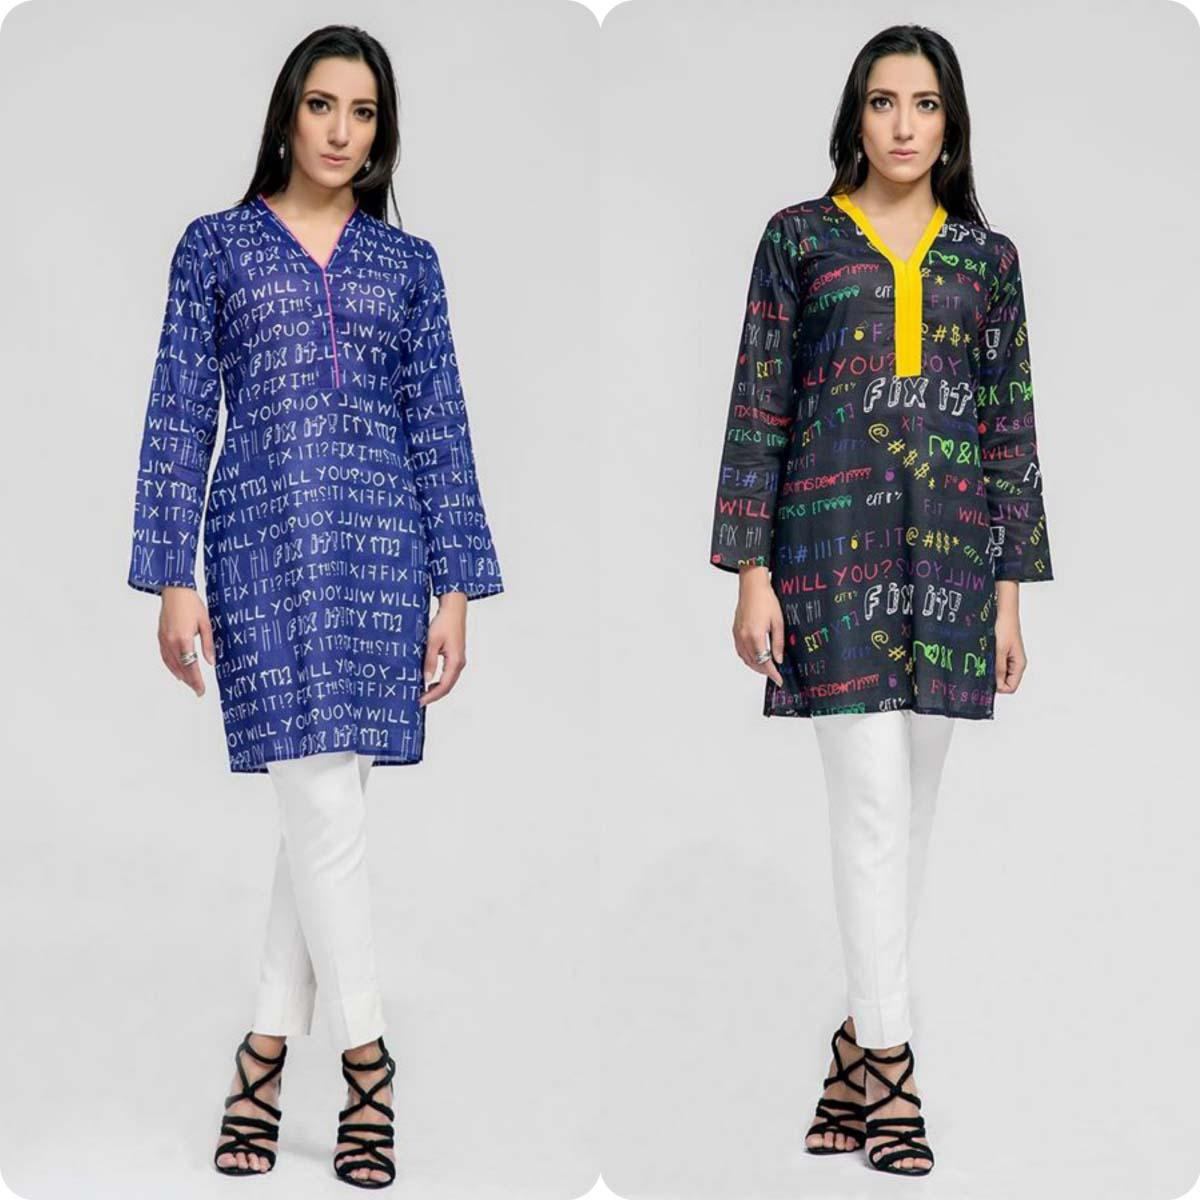 Pret Wear Dresses by deepak Perwani